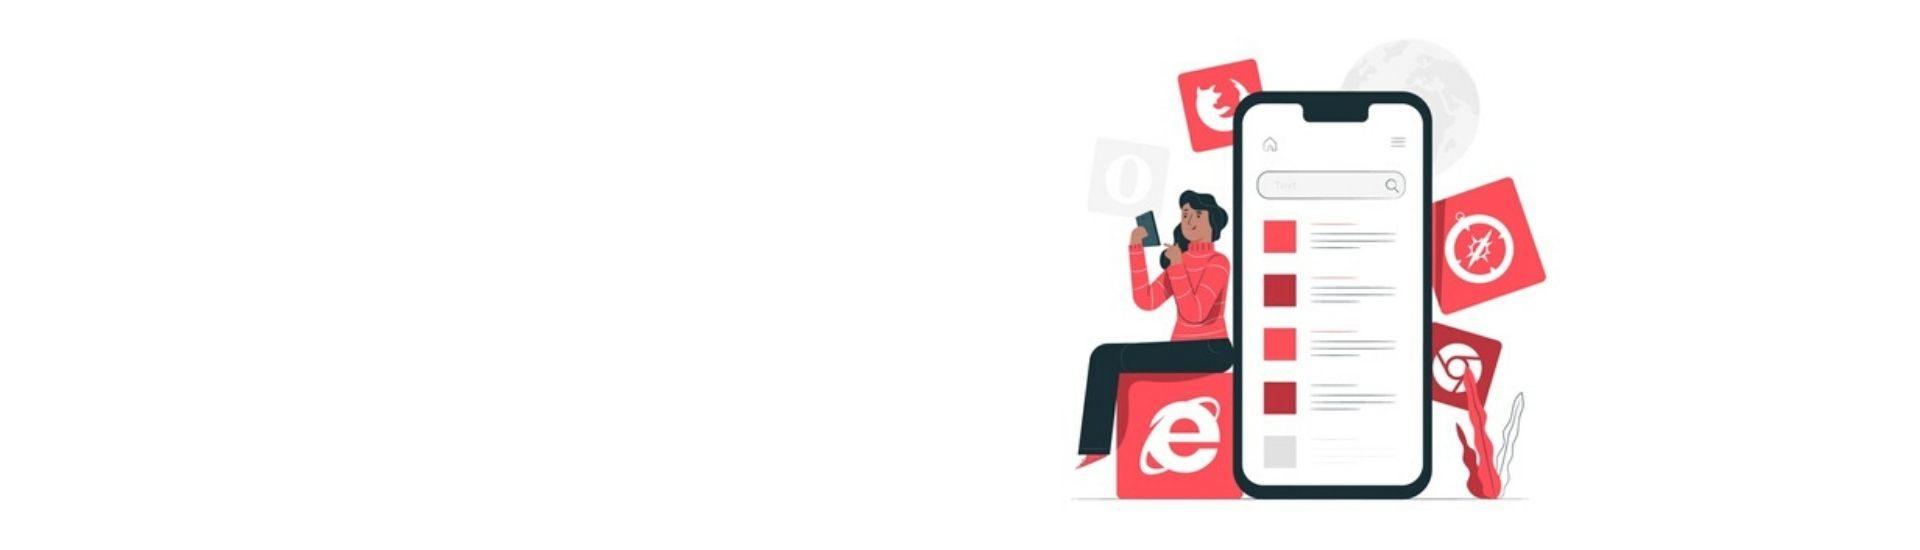 Mujer utilizando un celular